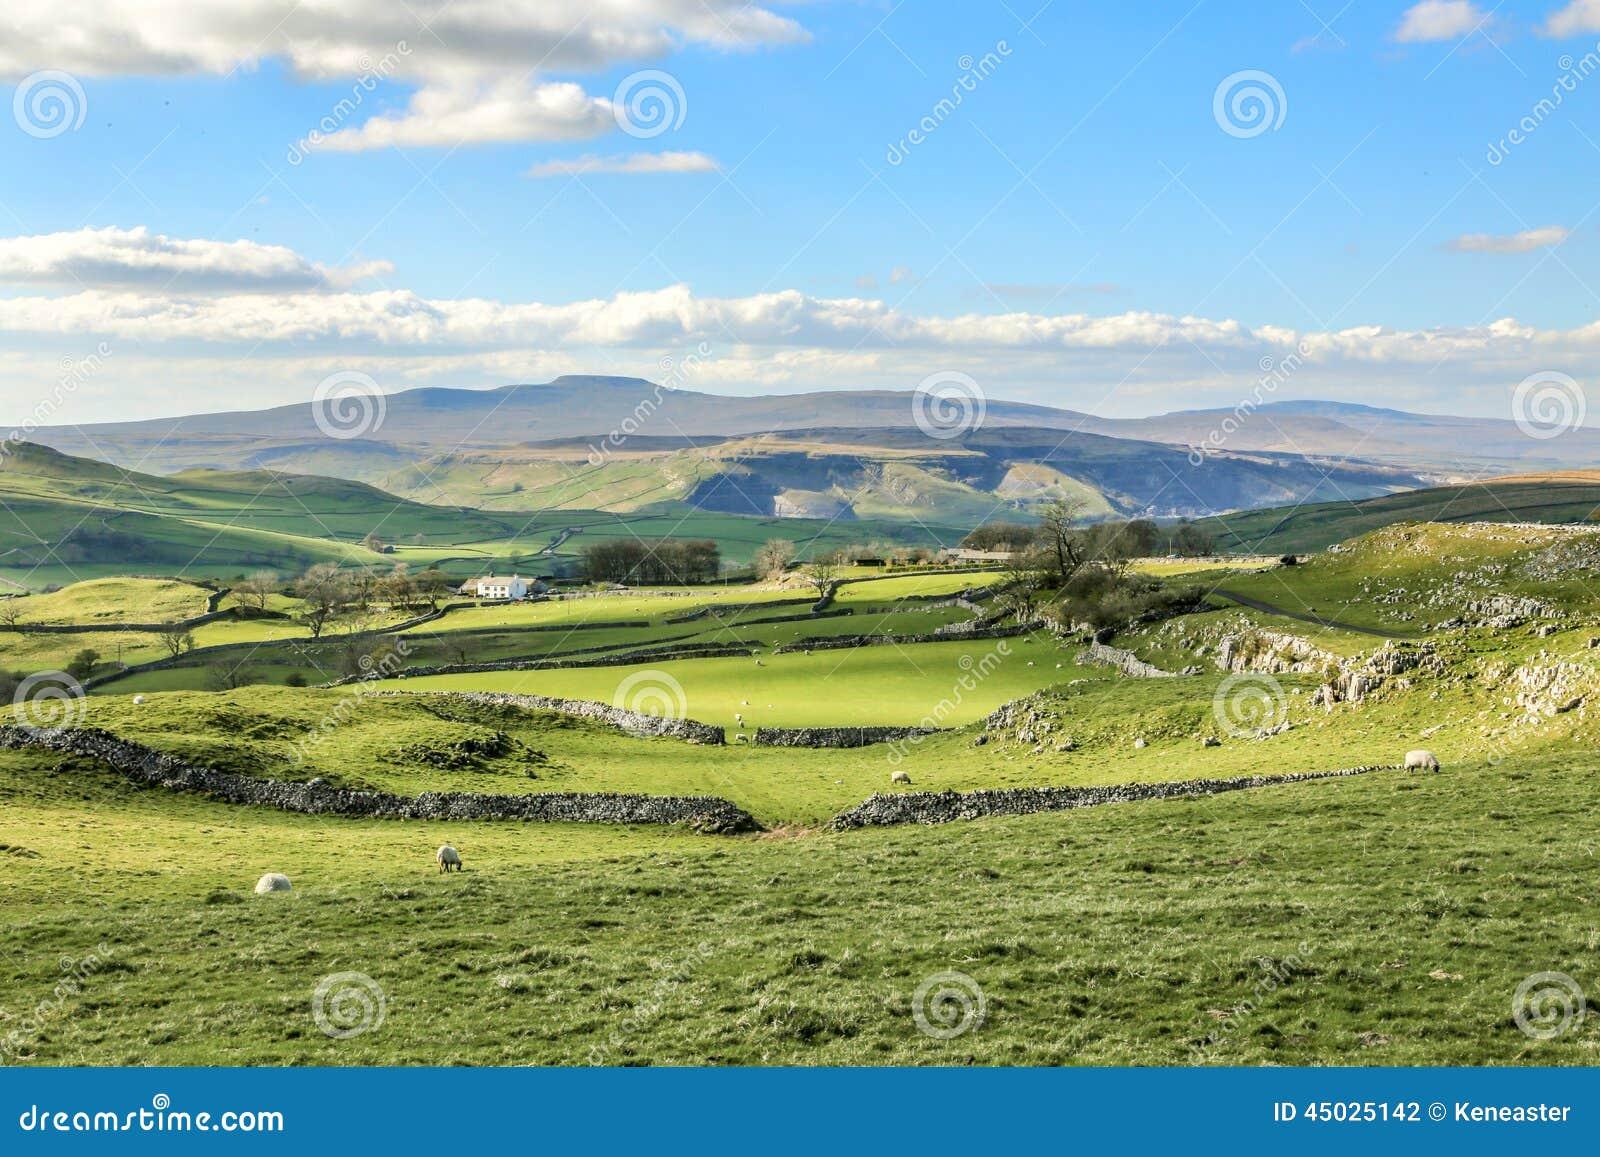 Los valles hermosos de Yorkshire ajardinan el turismo imponente Rolling Hills verde británica Europa de Inglaterra del paisaje